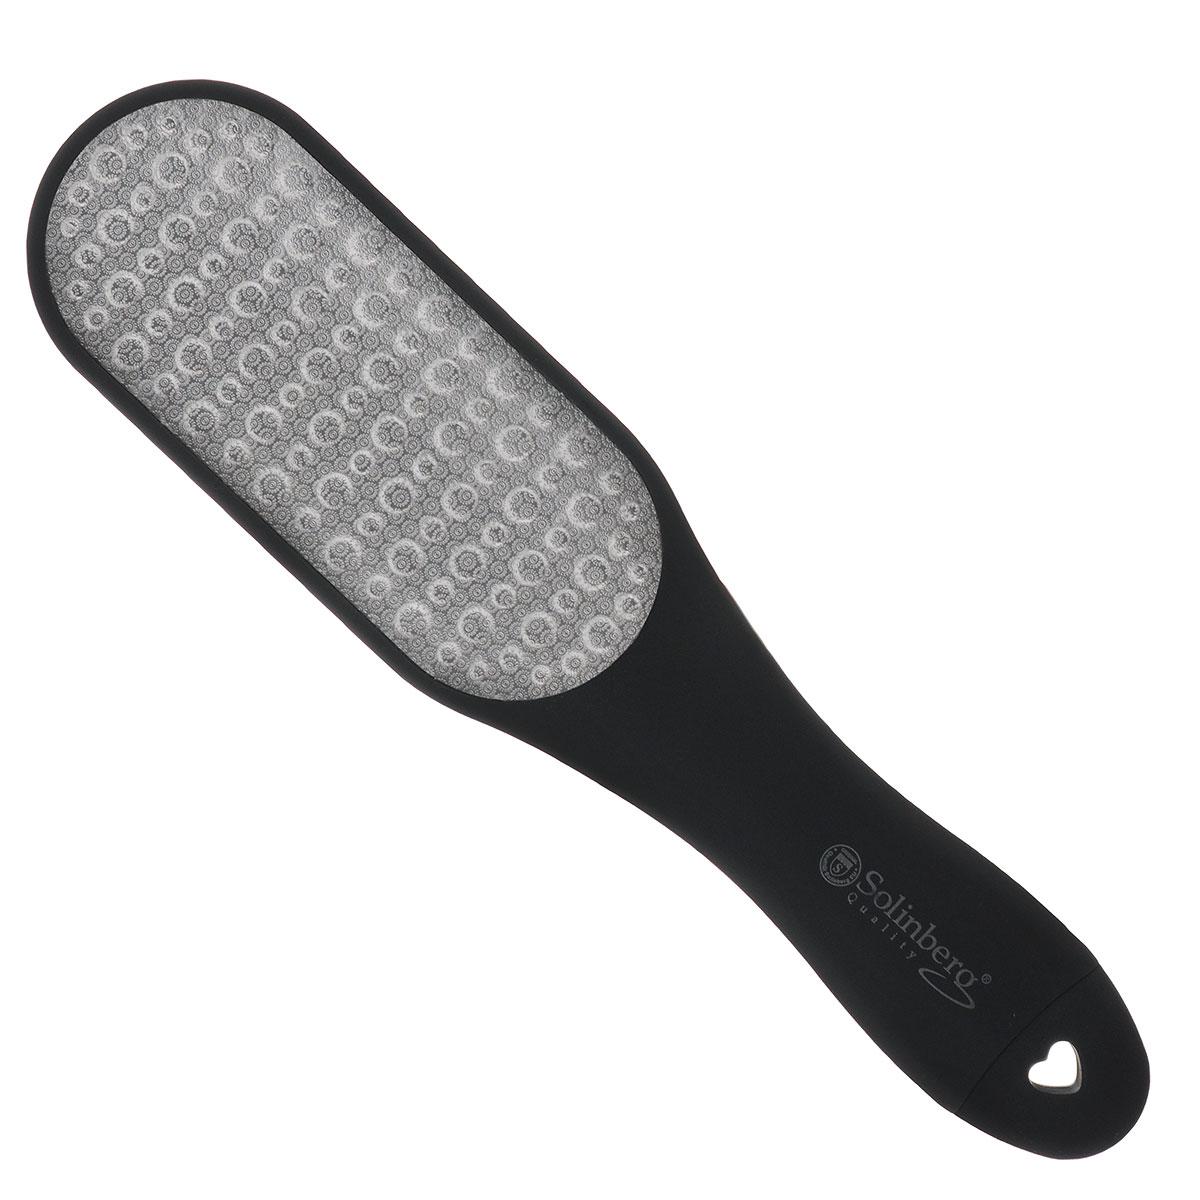 Solinberg Терка для обработки мозолей и огрубевшей кожи ног GD-4240DS, двусторонняя терка для ног деревянная основа двухсторонняя solinberg ширина 60 мм